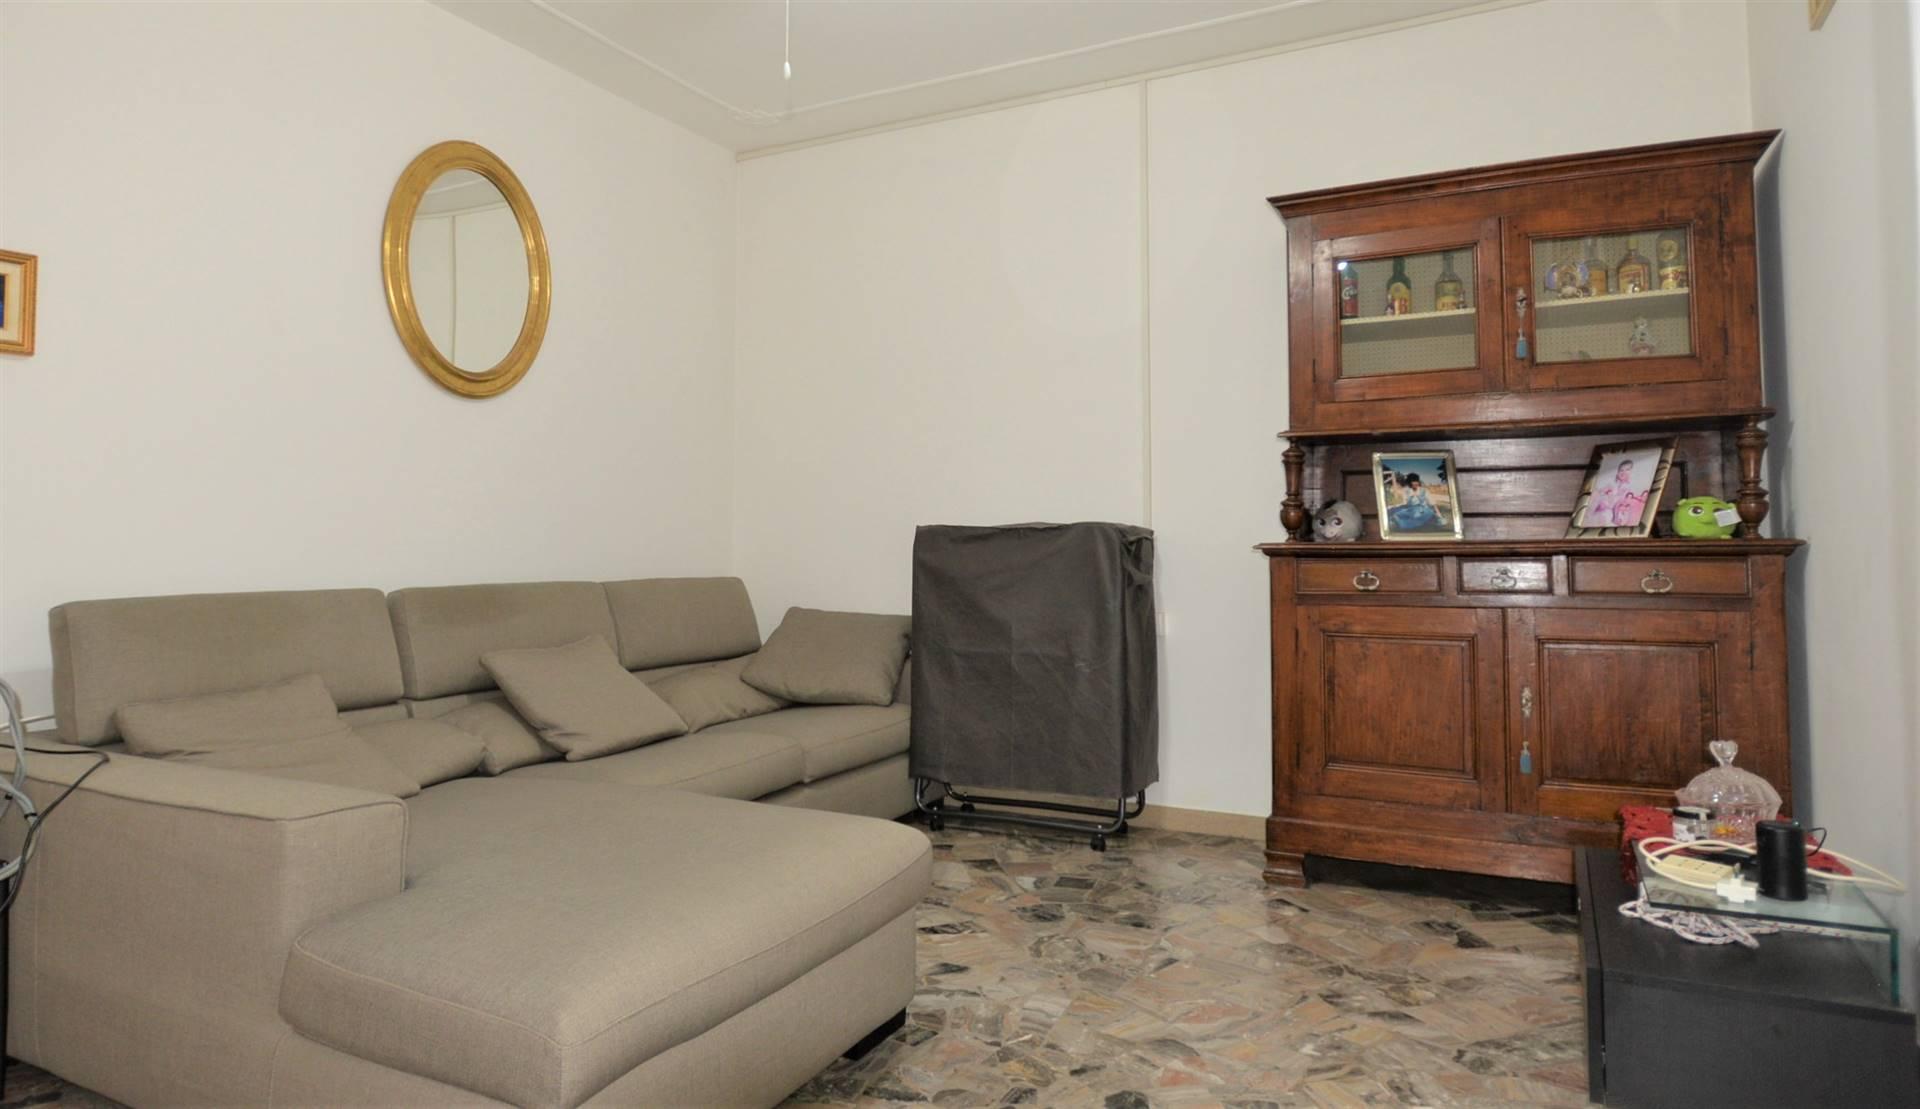 SPINEA: a pochi minuti dal centro vendesi appartamento dagli ampi spazi al primo e ultimo piano, composto da ingresso, cucina abitabile, soggiorno